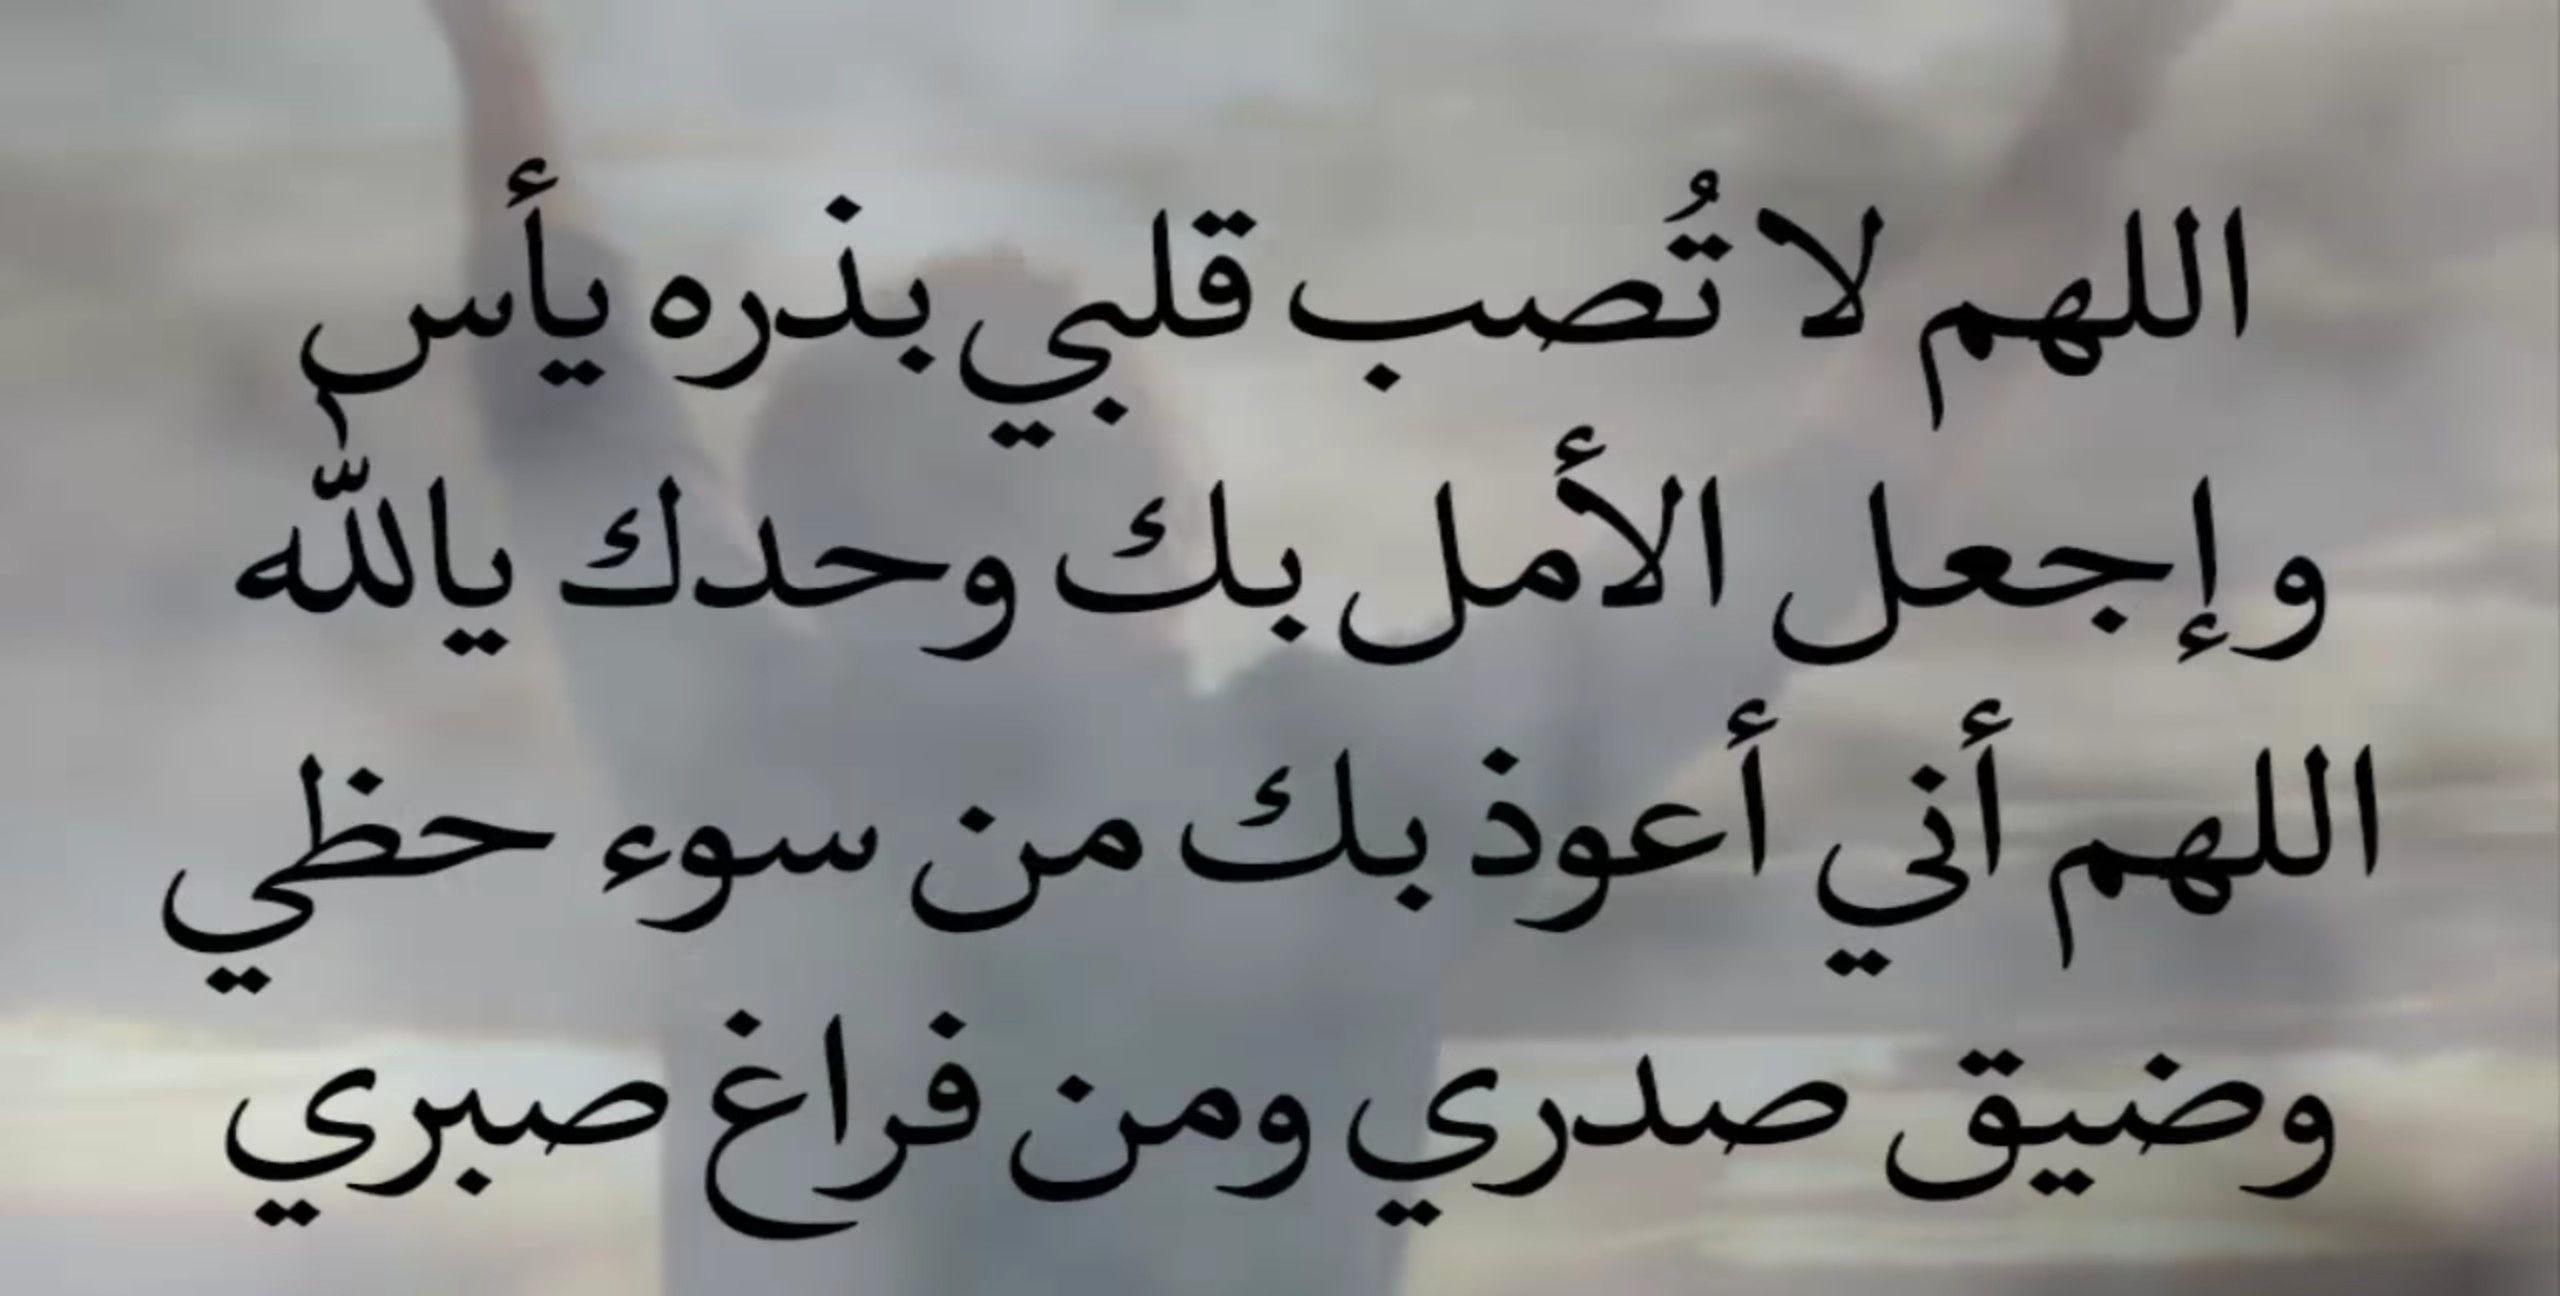 دعاء الهم والضيق دعاء زوال الهم والضيق مجلة رجيم